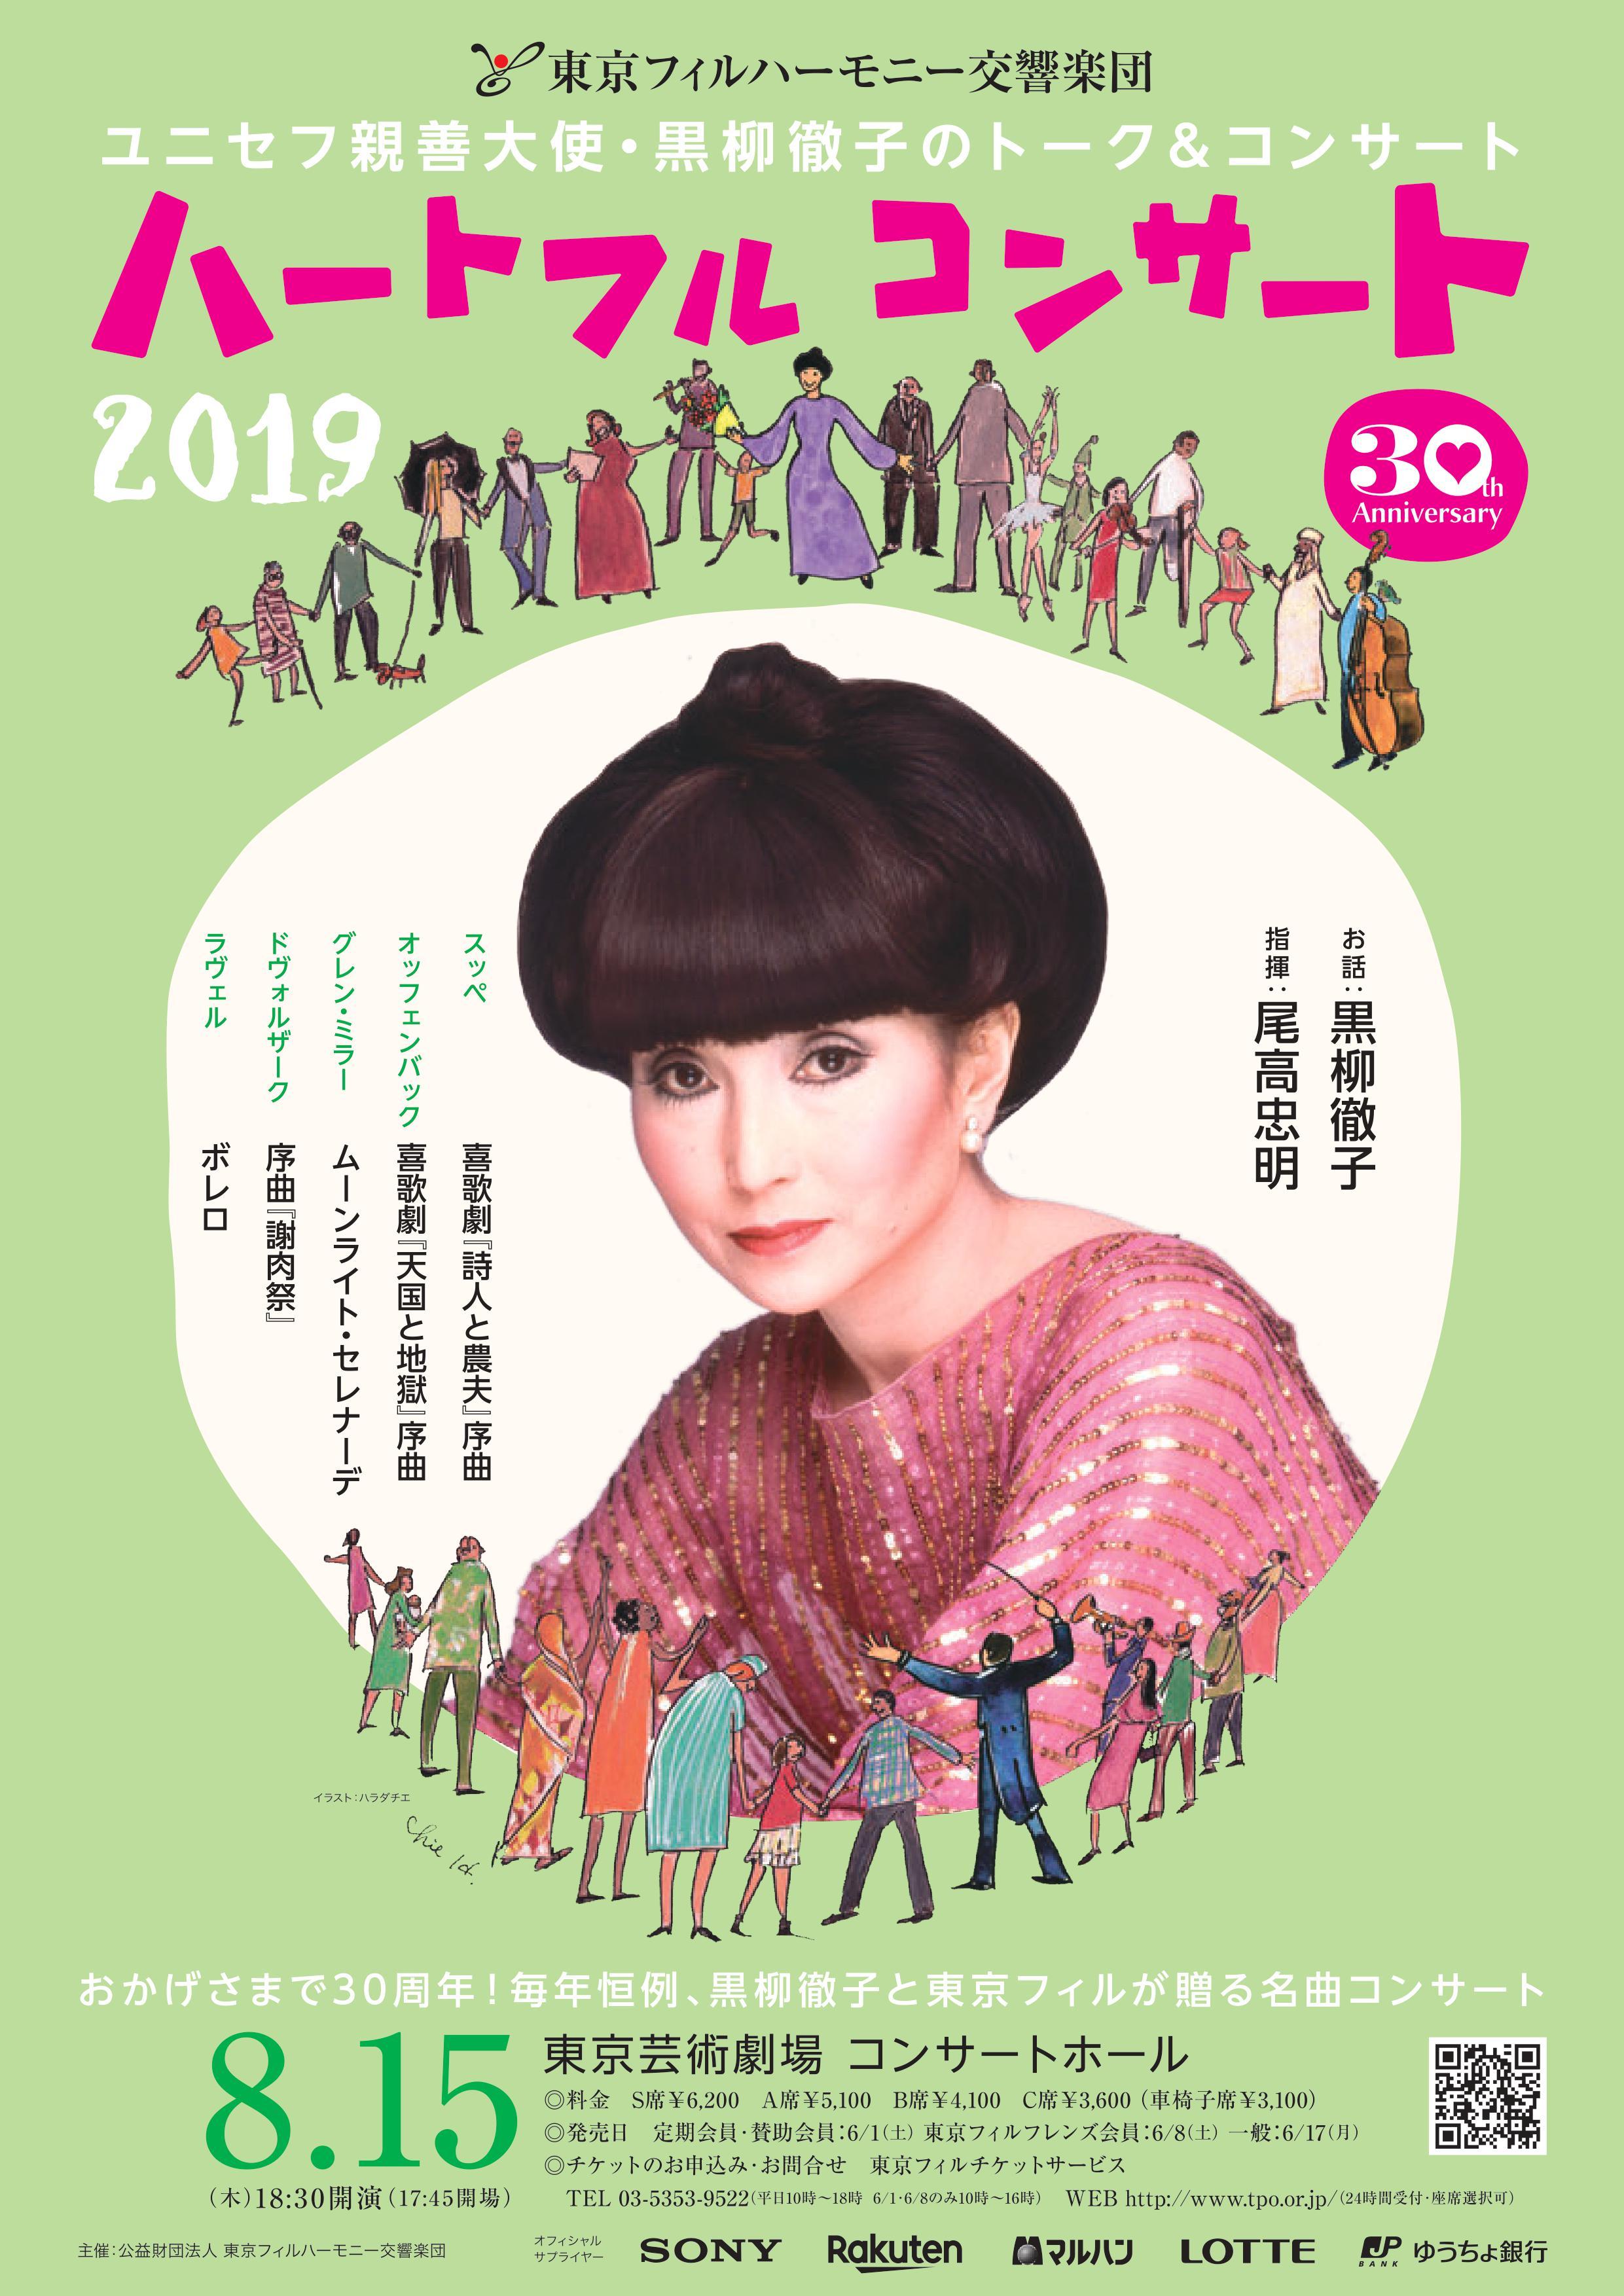 ハートフル コンサート2019 東京フィルハーモニー交響楽団 Tokyo